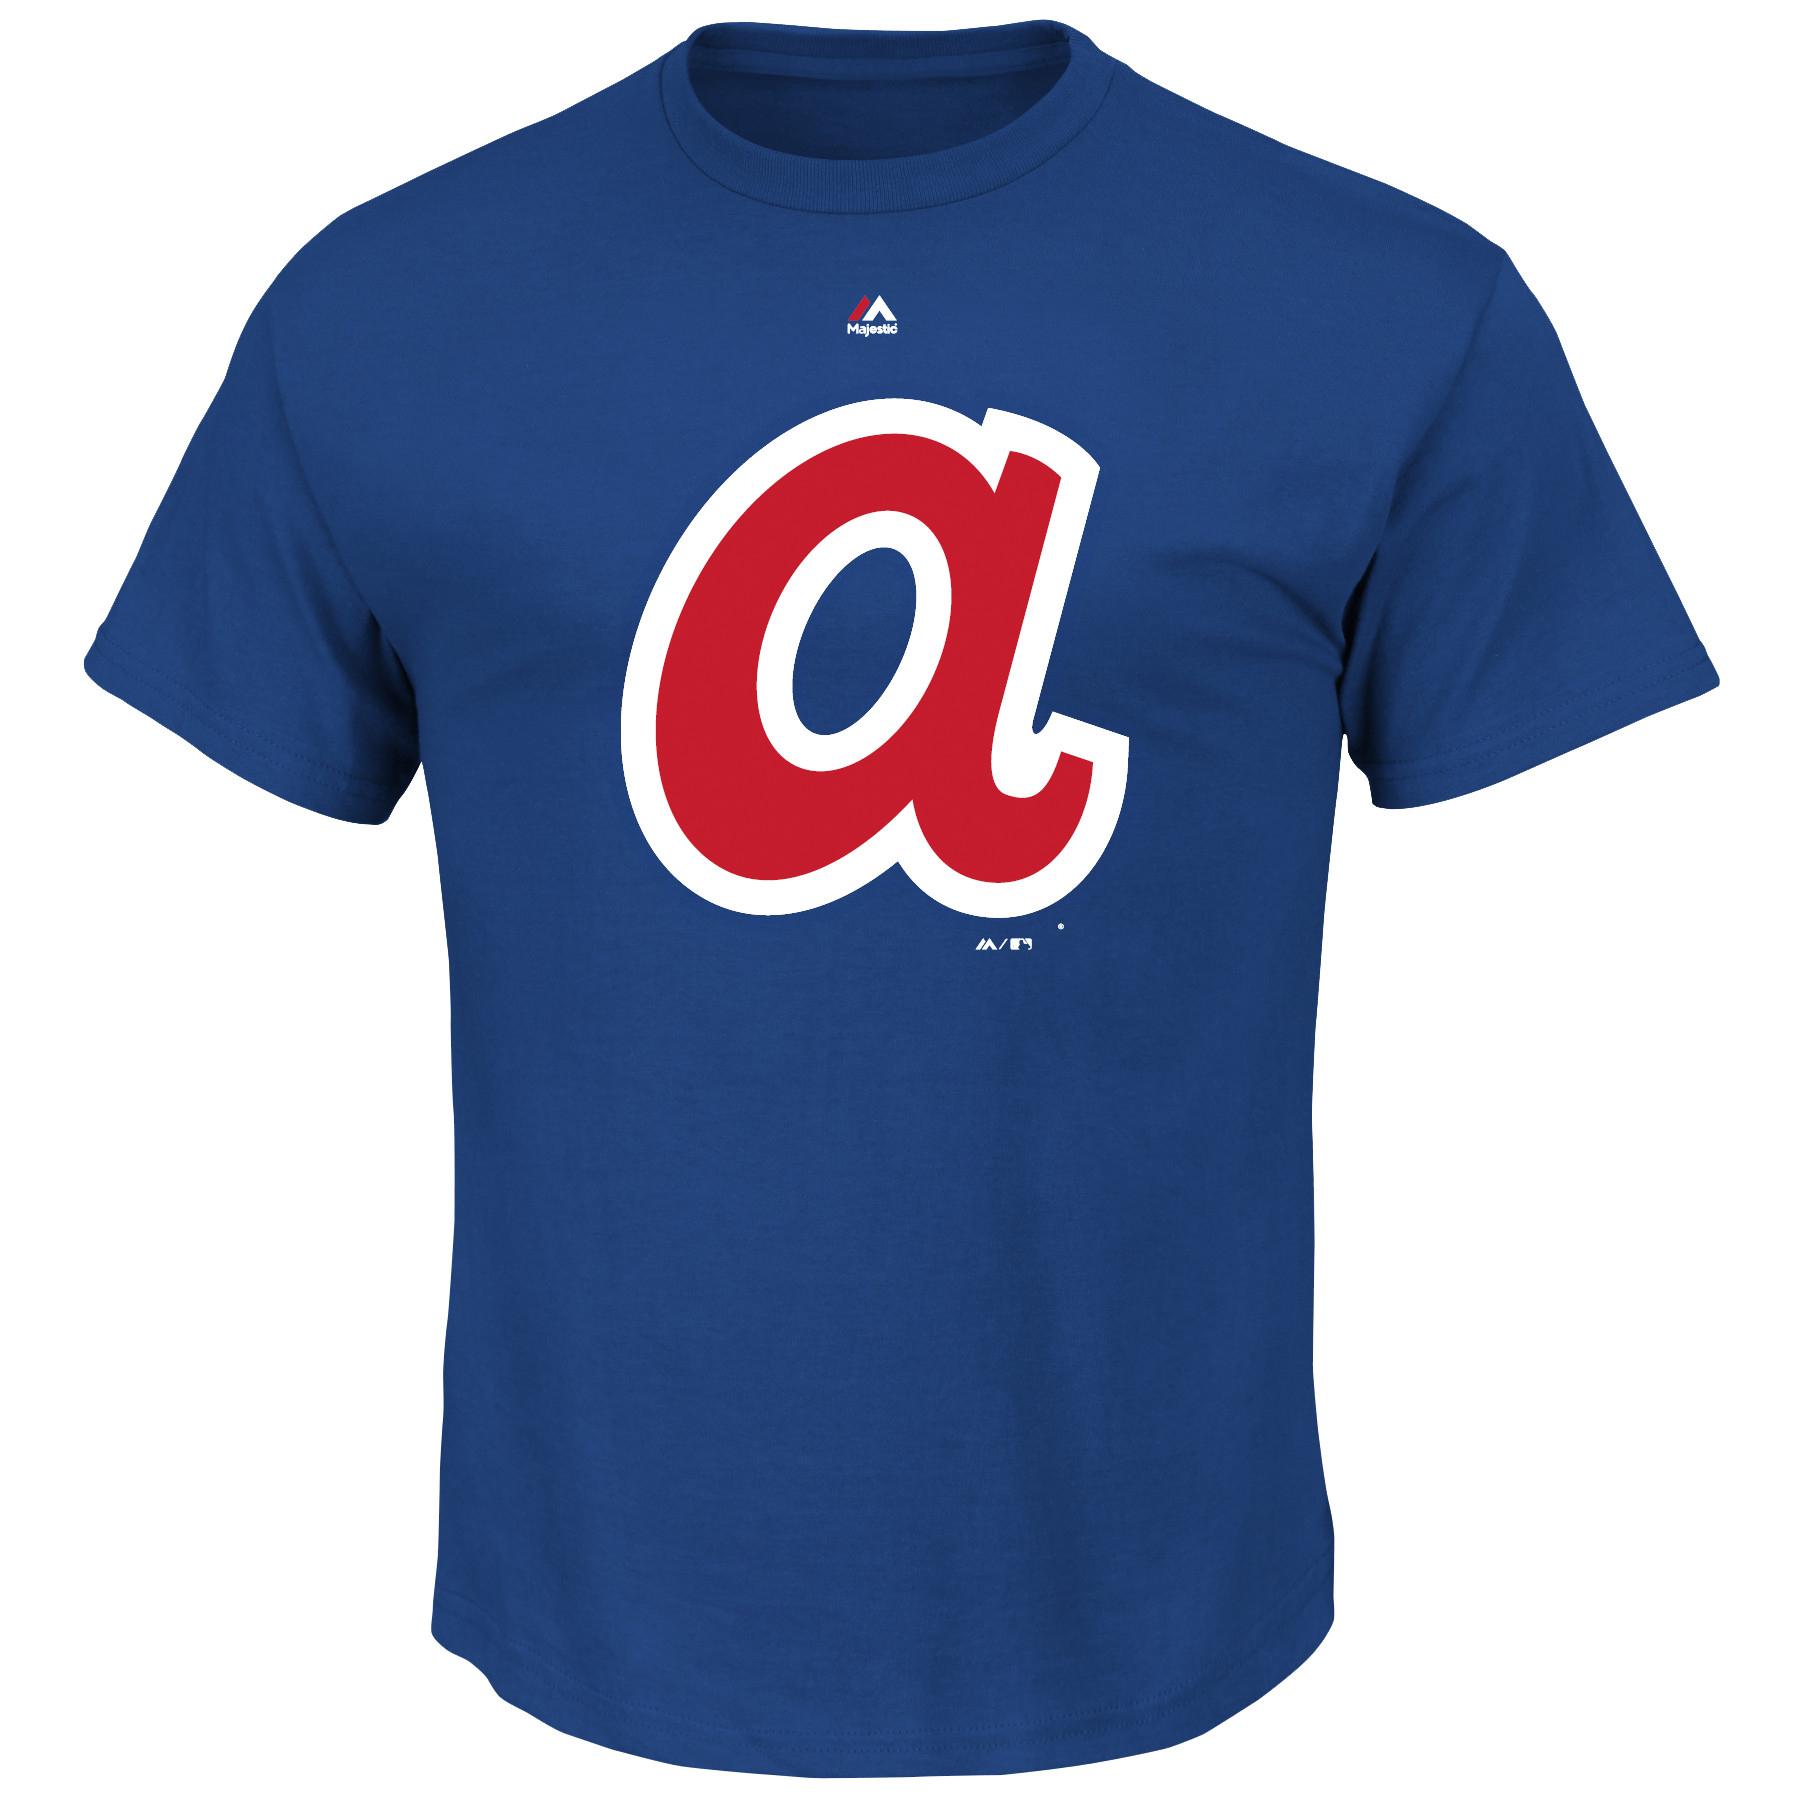 Men's Majestic Royal Atlanta Braves Big & Tall Cooperstown Logo T-Shirt